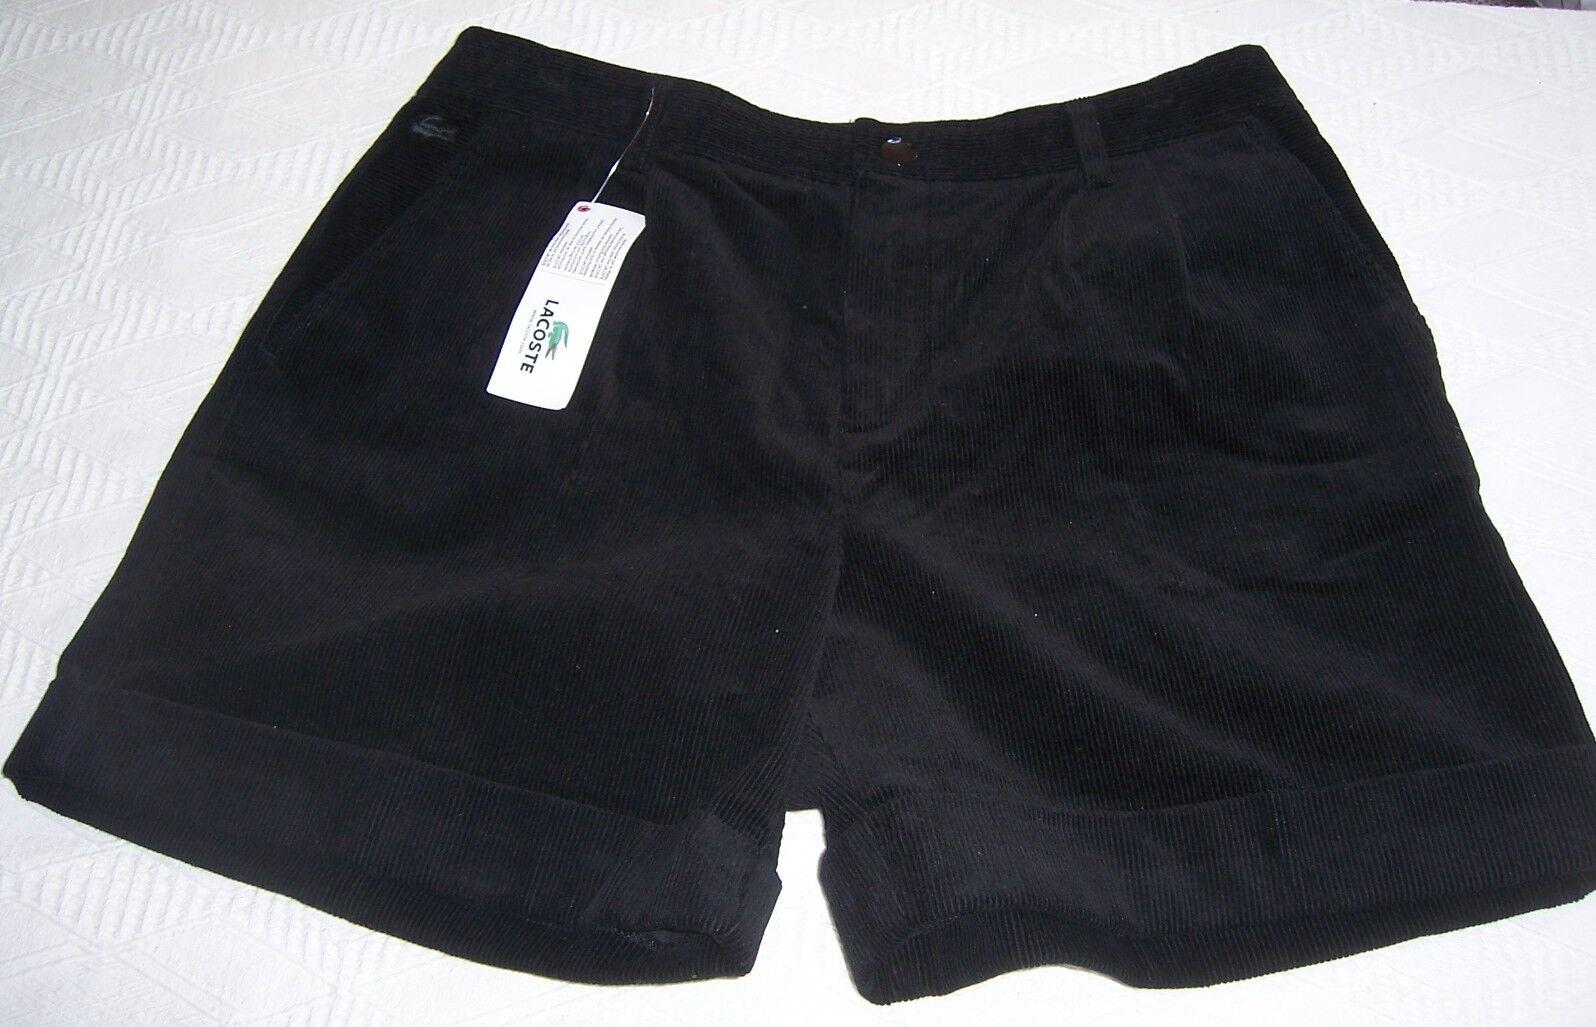 Neuf avec étiquettes Lacoste Noir Velours Côtelé Revers courtes Misses taille 42 (10)